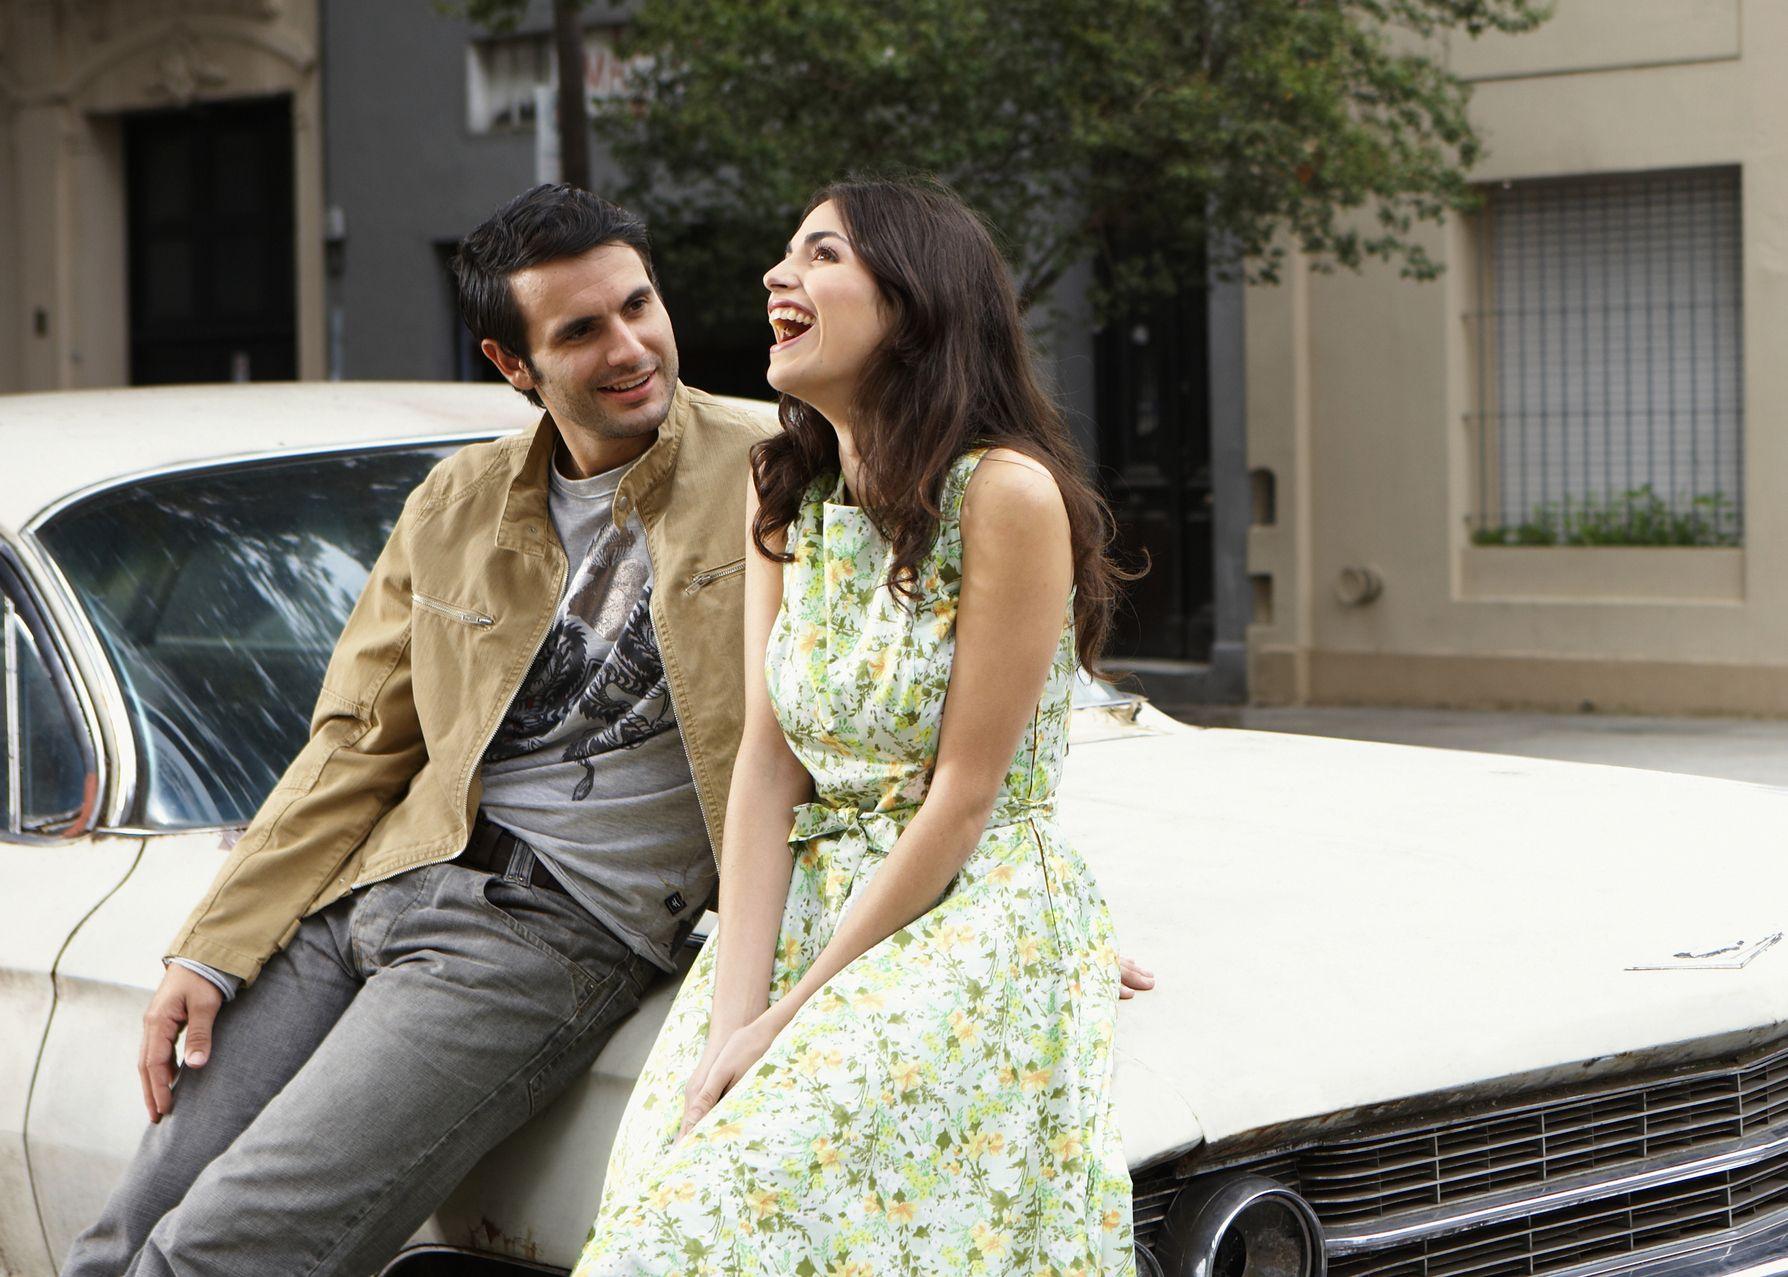 watch internet dating movie online free